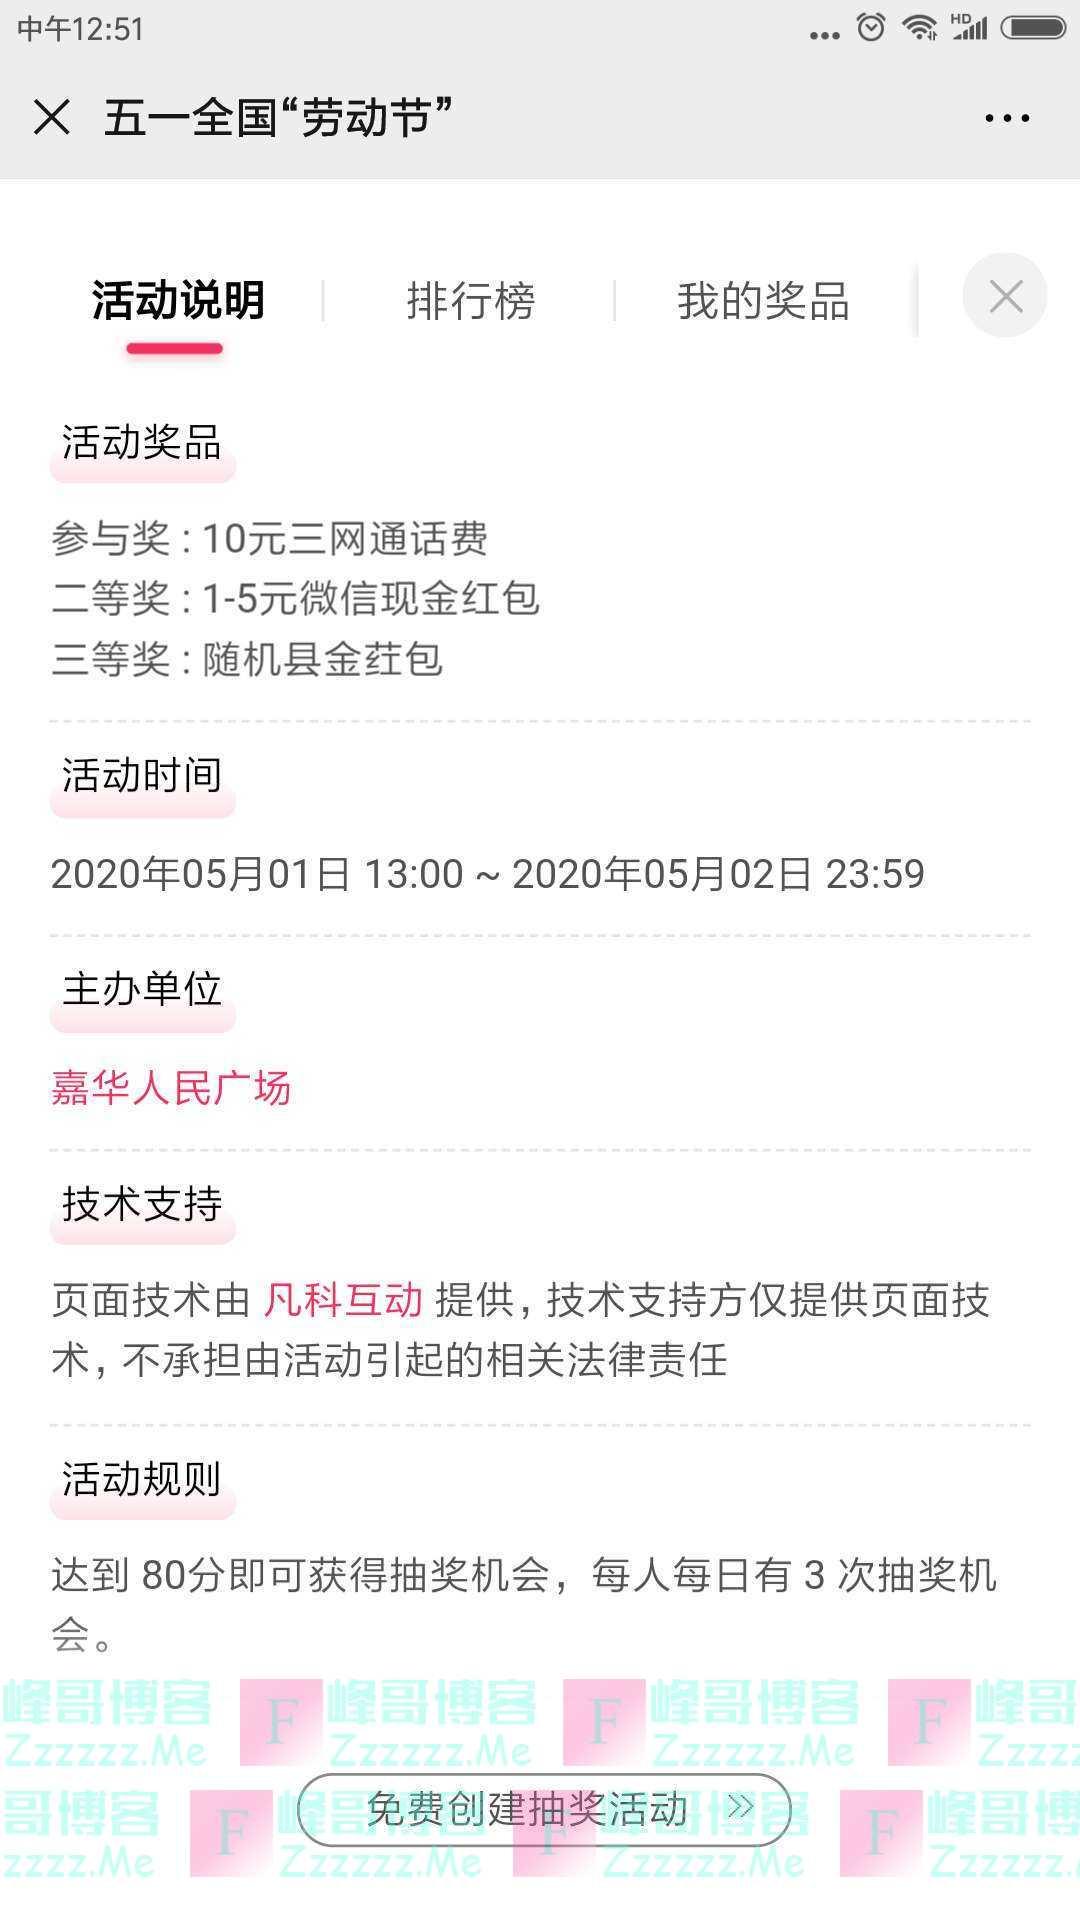 嘉华中心人民广场五一玩游戏,赢奖励(截止5月2日)